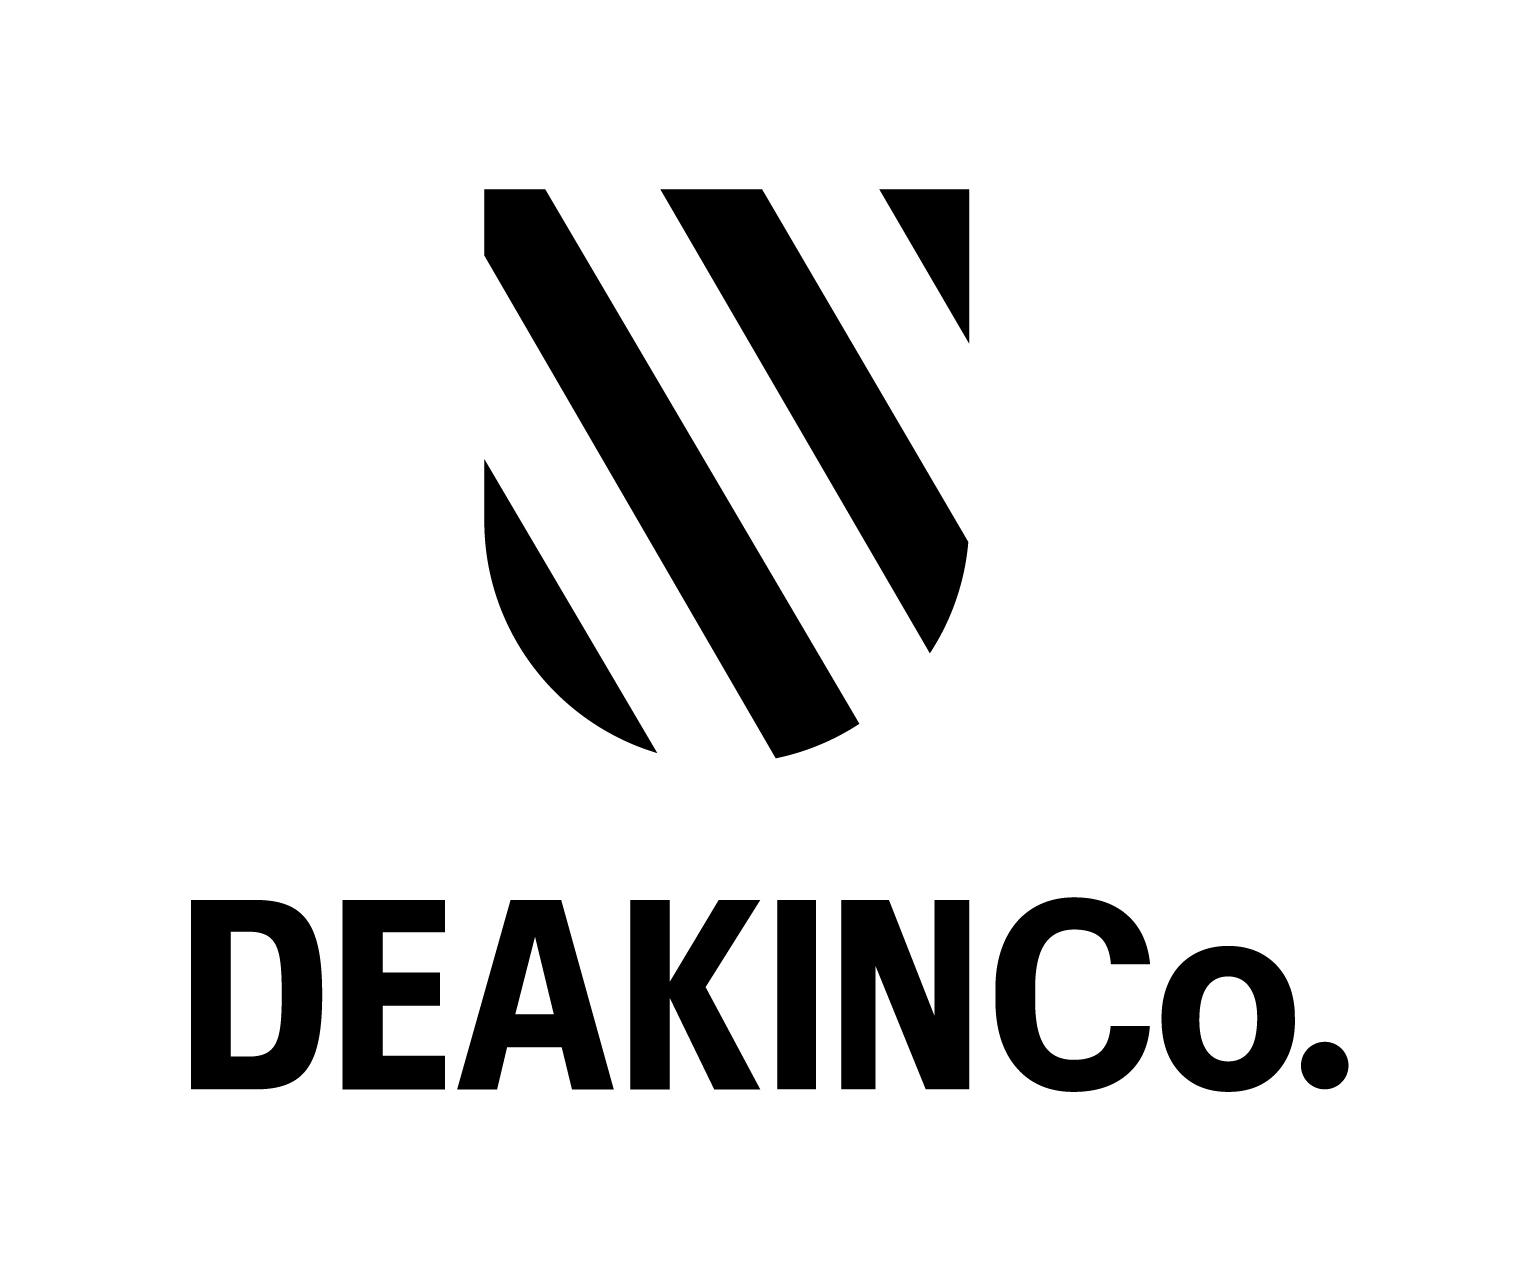 DeakinCo_Primary Brandmark_CMYK (2).jpg